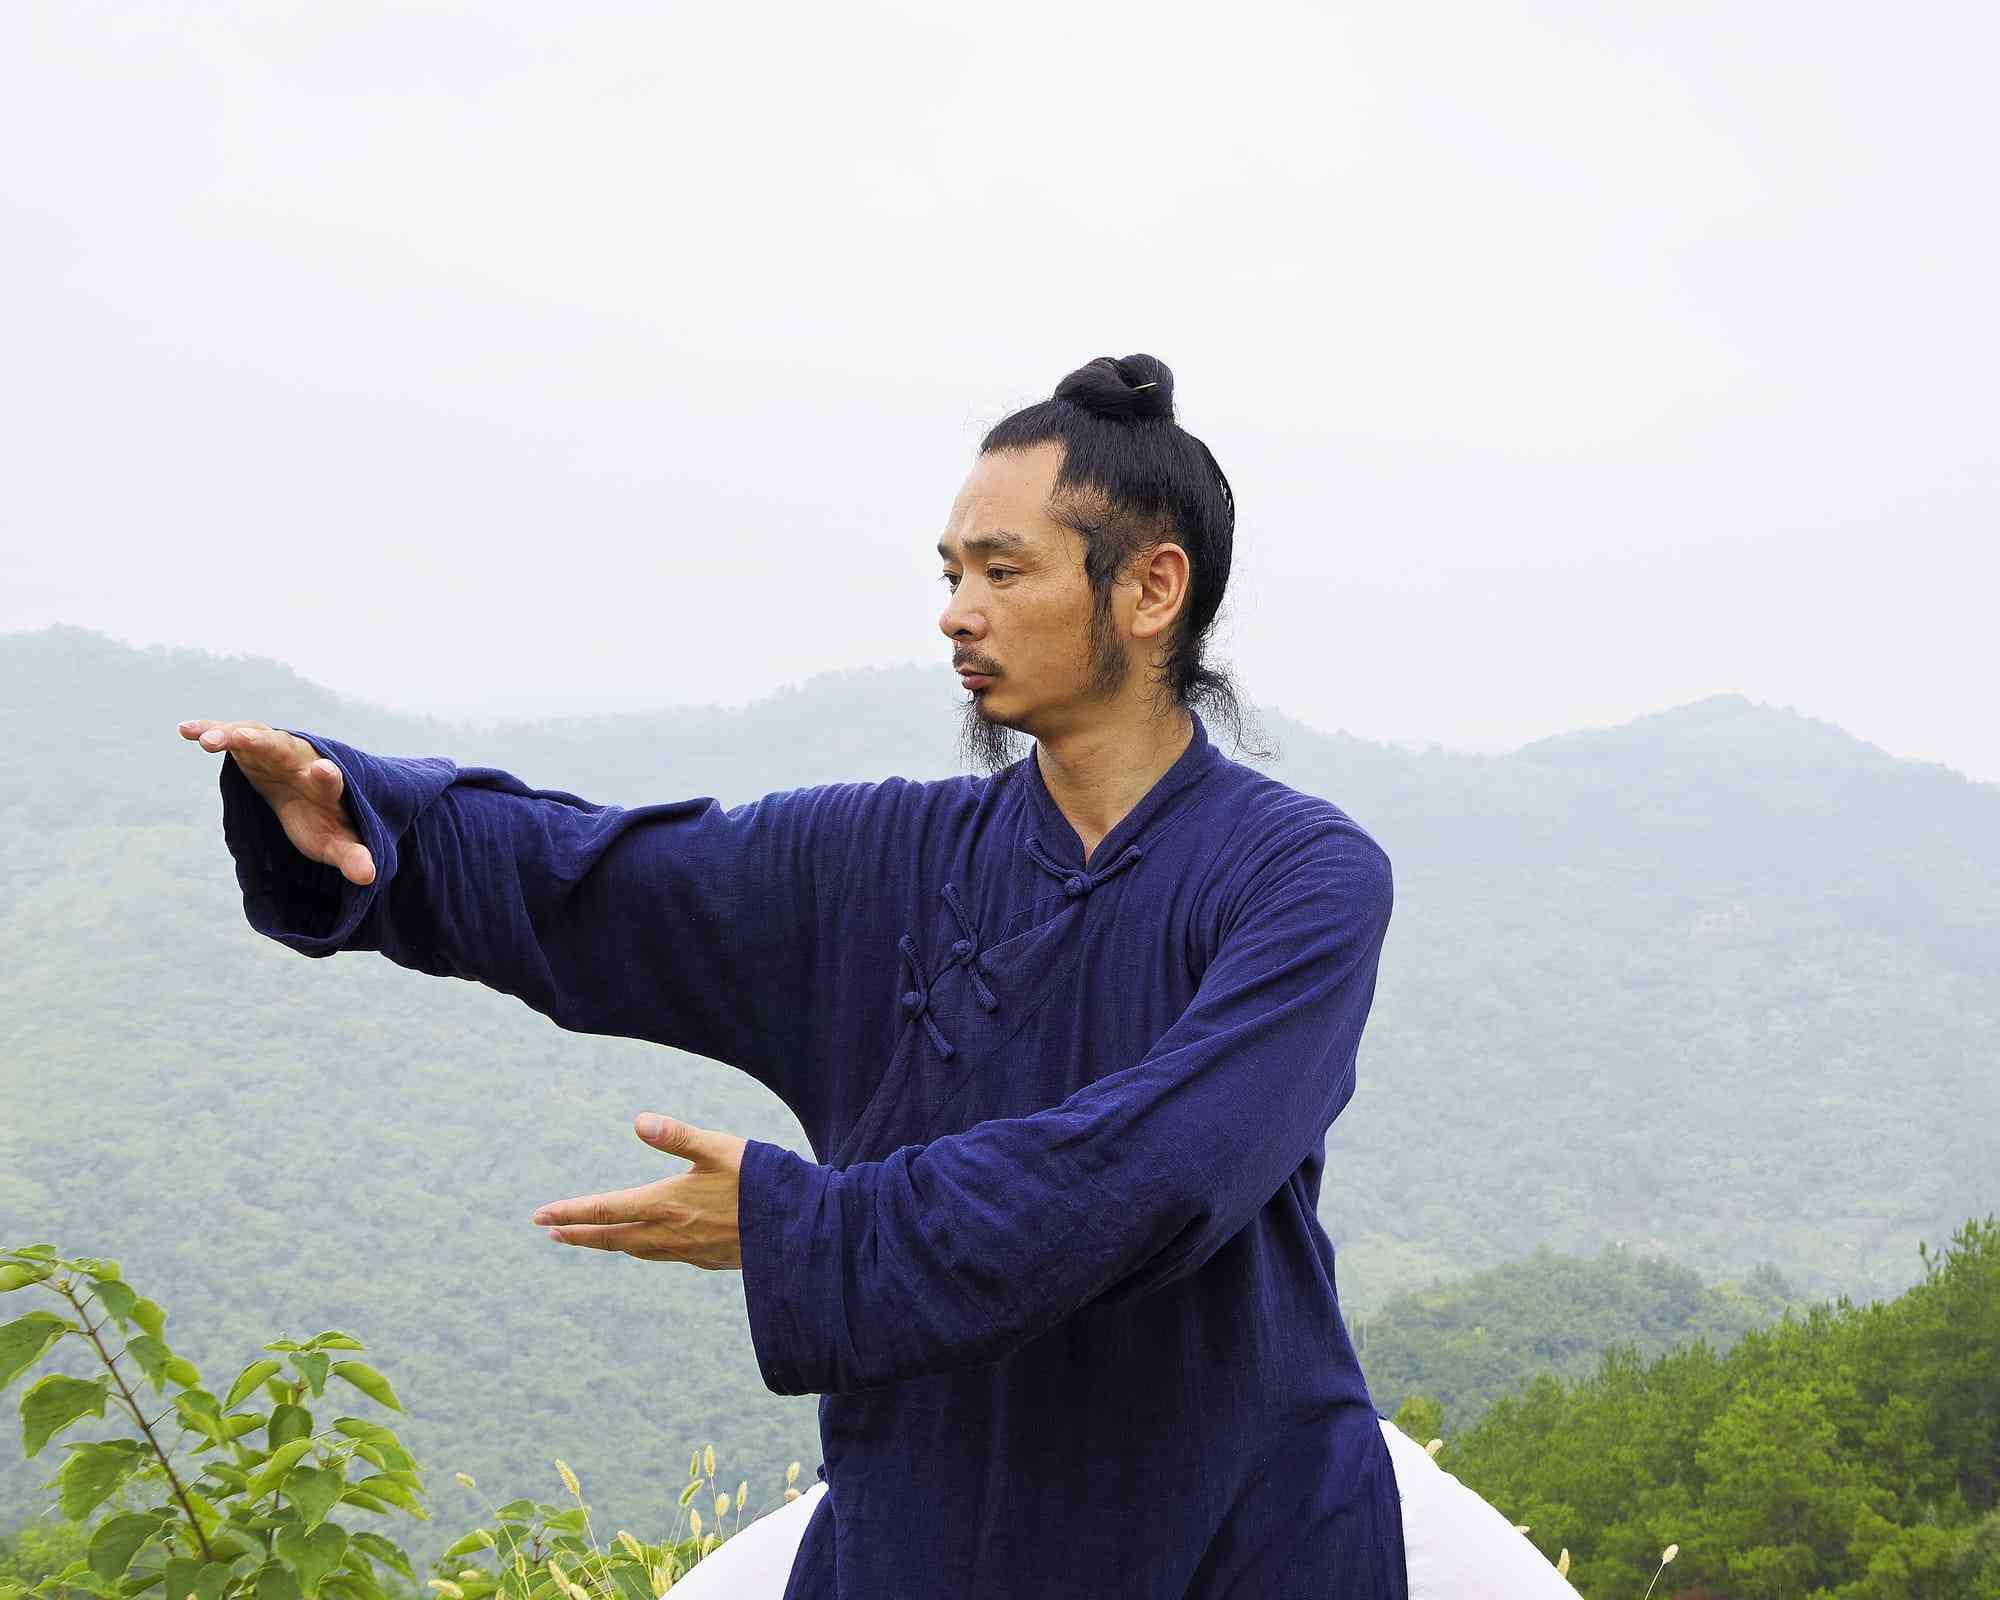 The Center of Wudang San Feng Pai Martial Arts